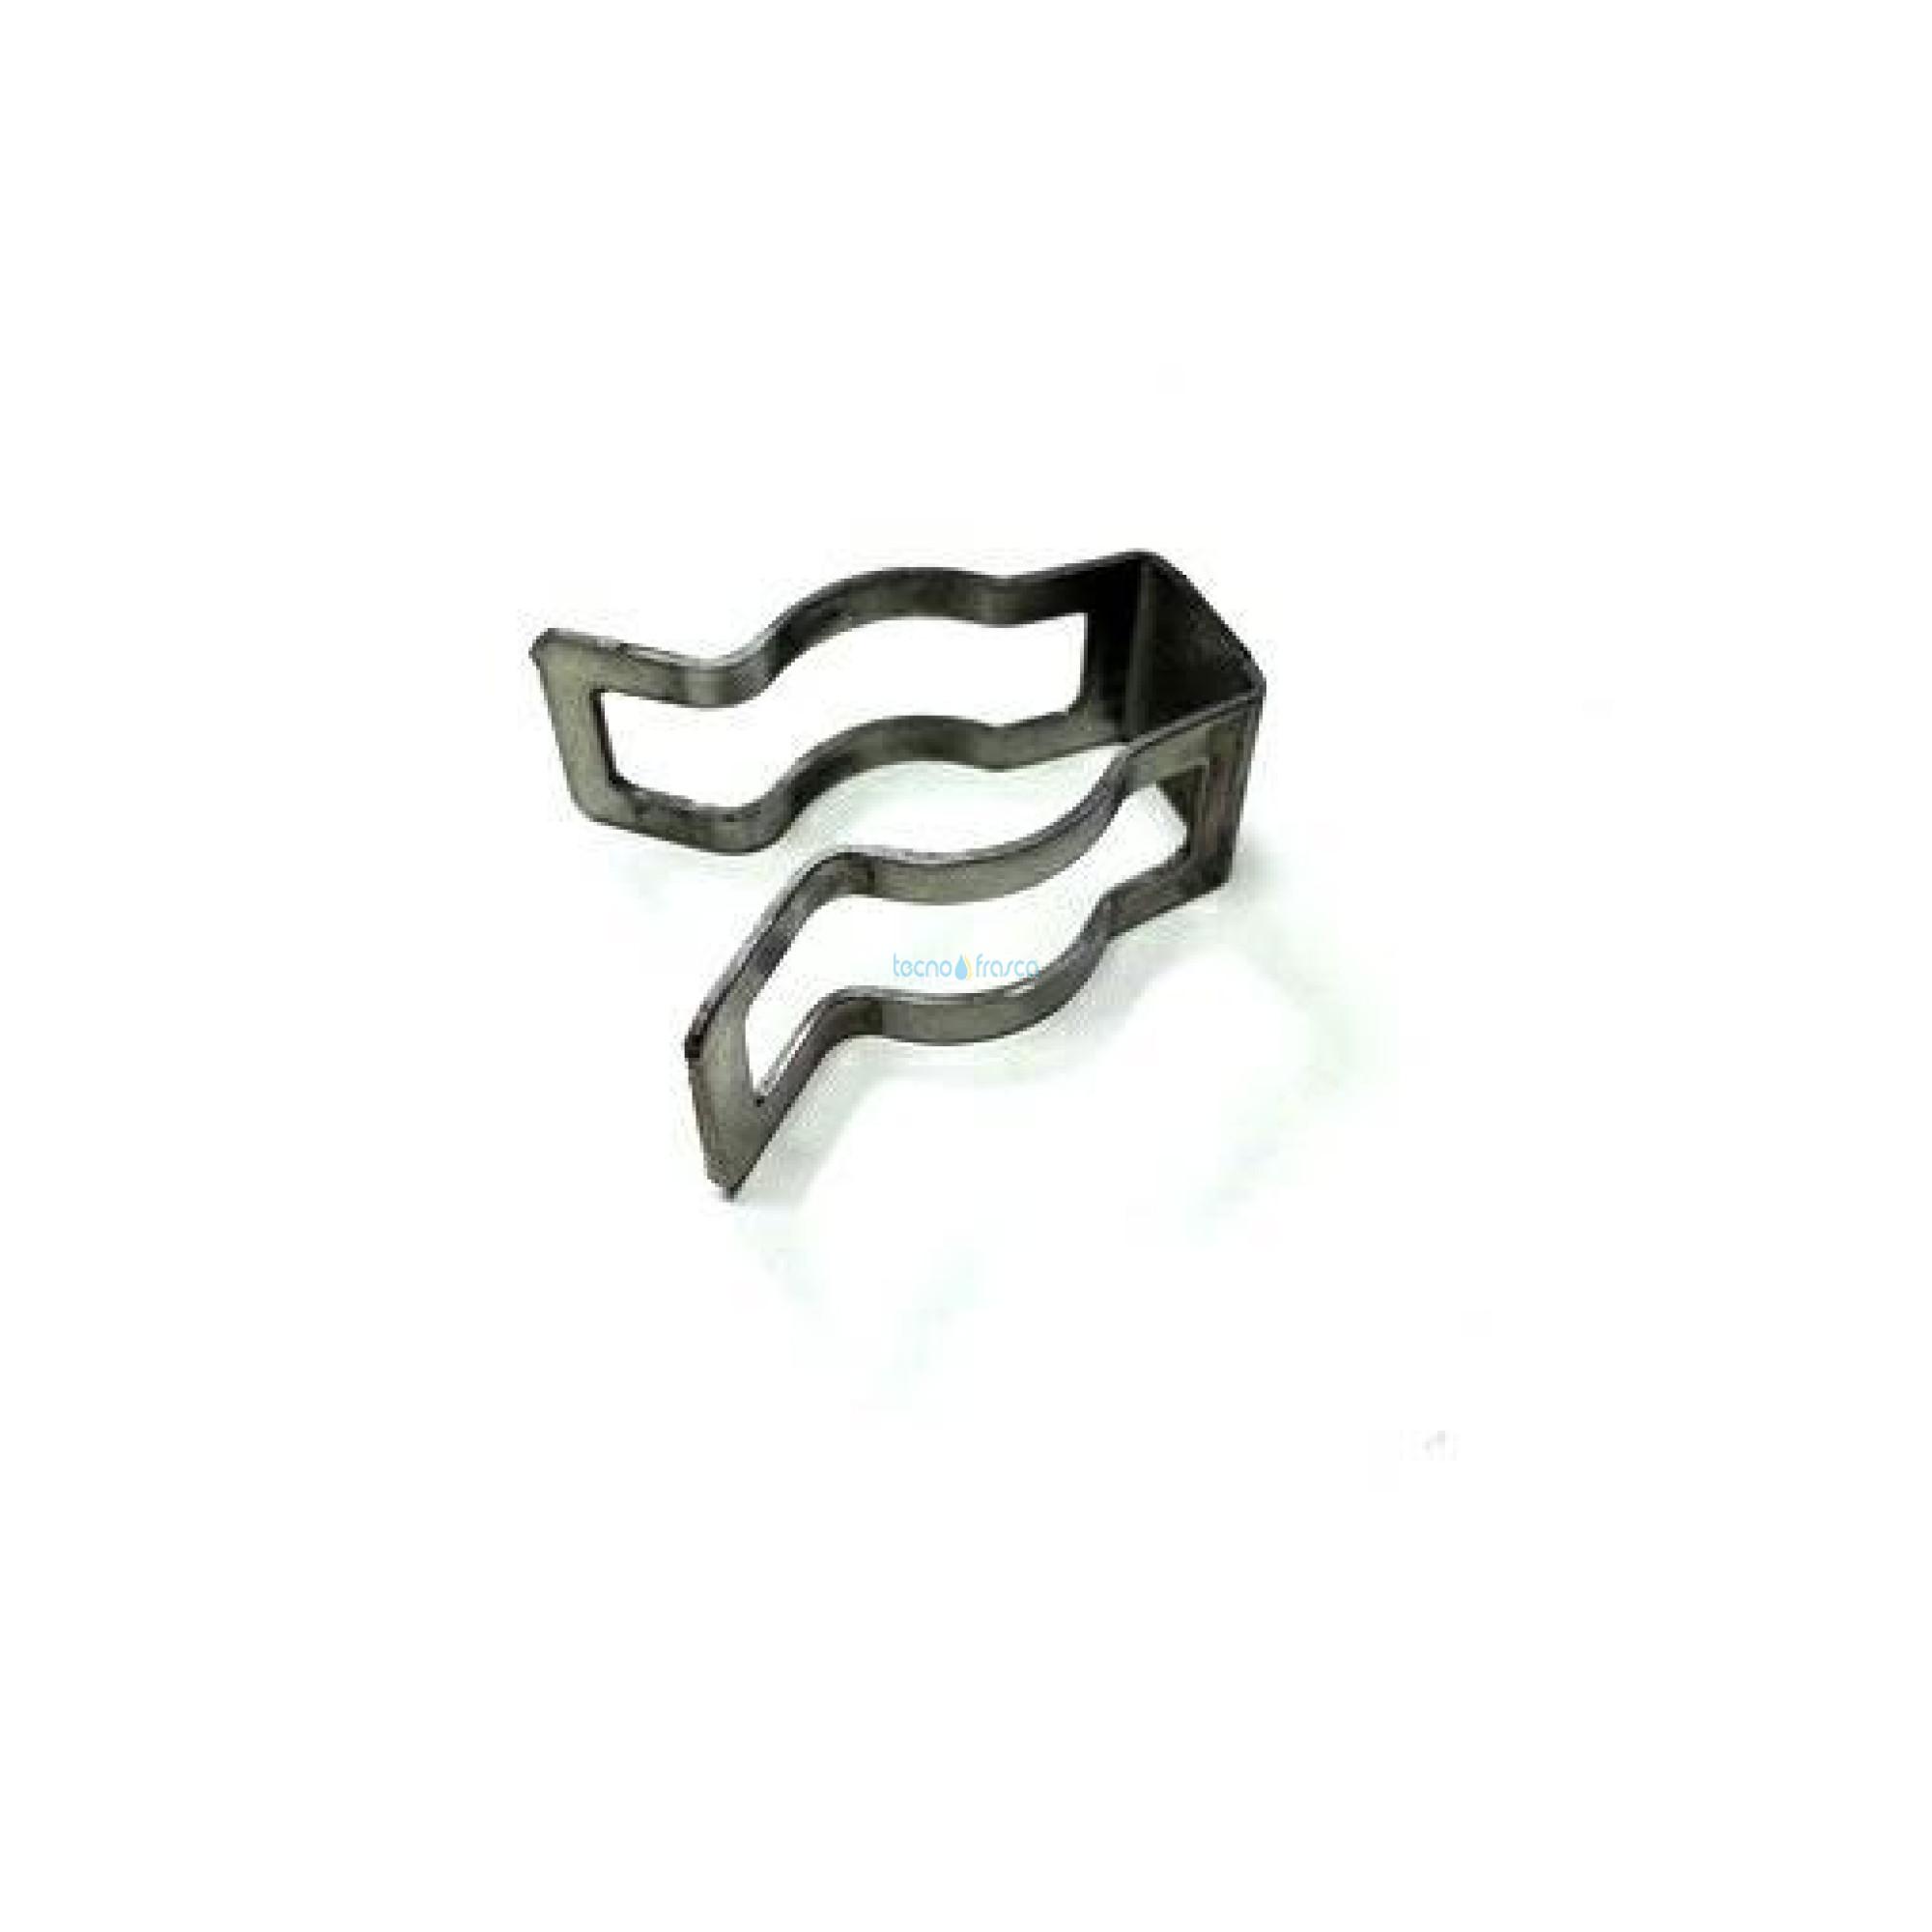 Baxi clip tubo by-pass jjj005108130